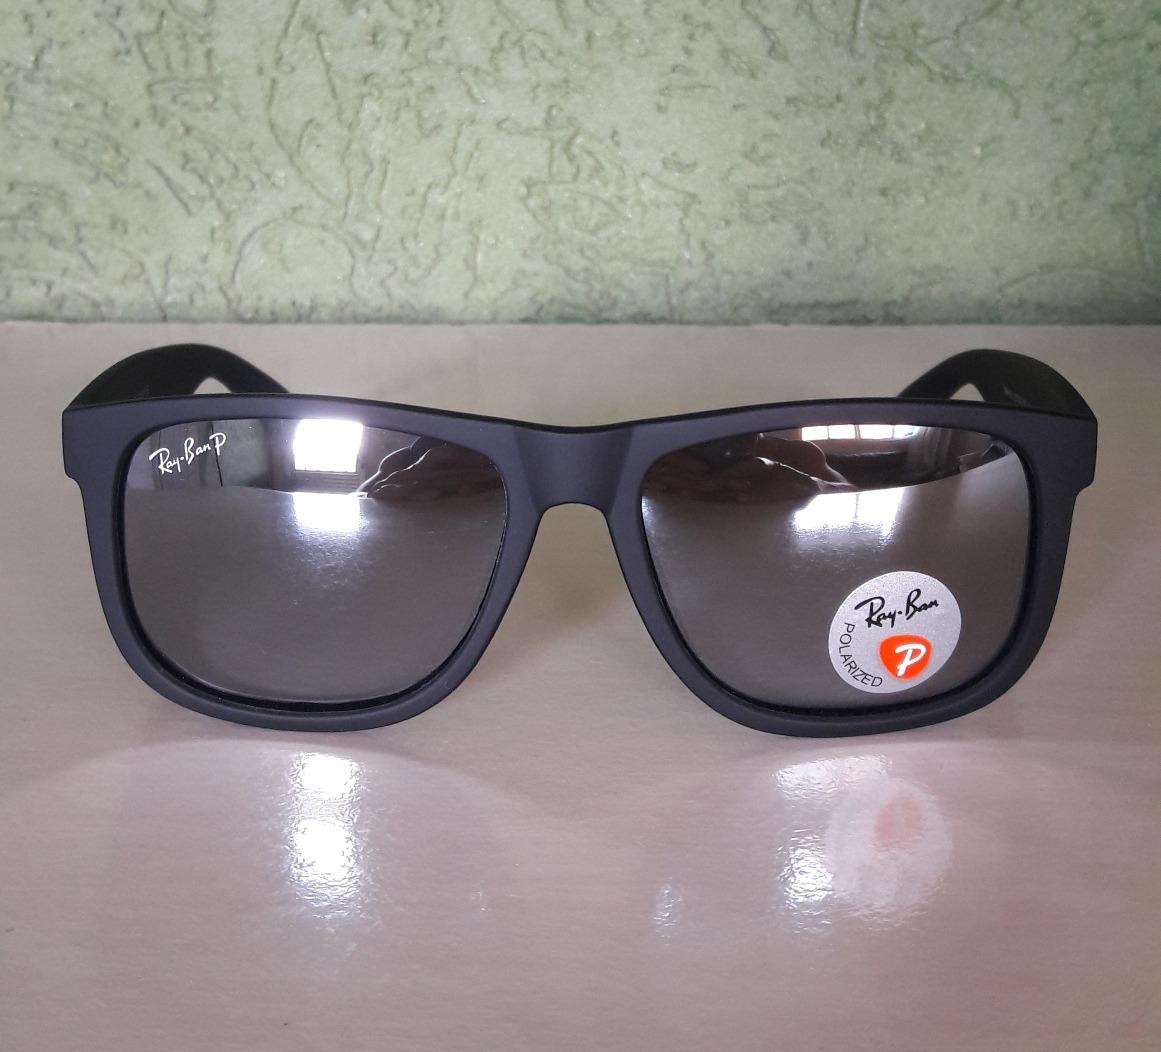 51abc74fd98d6 ... czech óculos ray ban justin4165 espelhado prata polarizado. carregando  zoom. be728 38a44